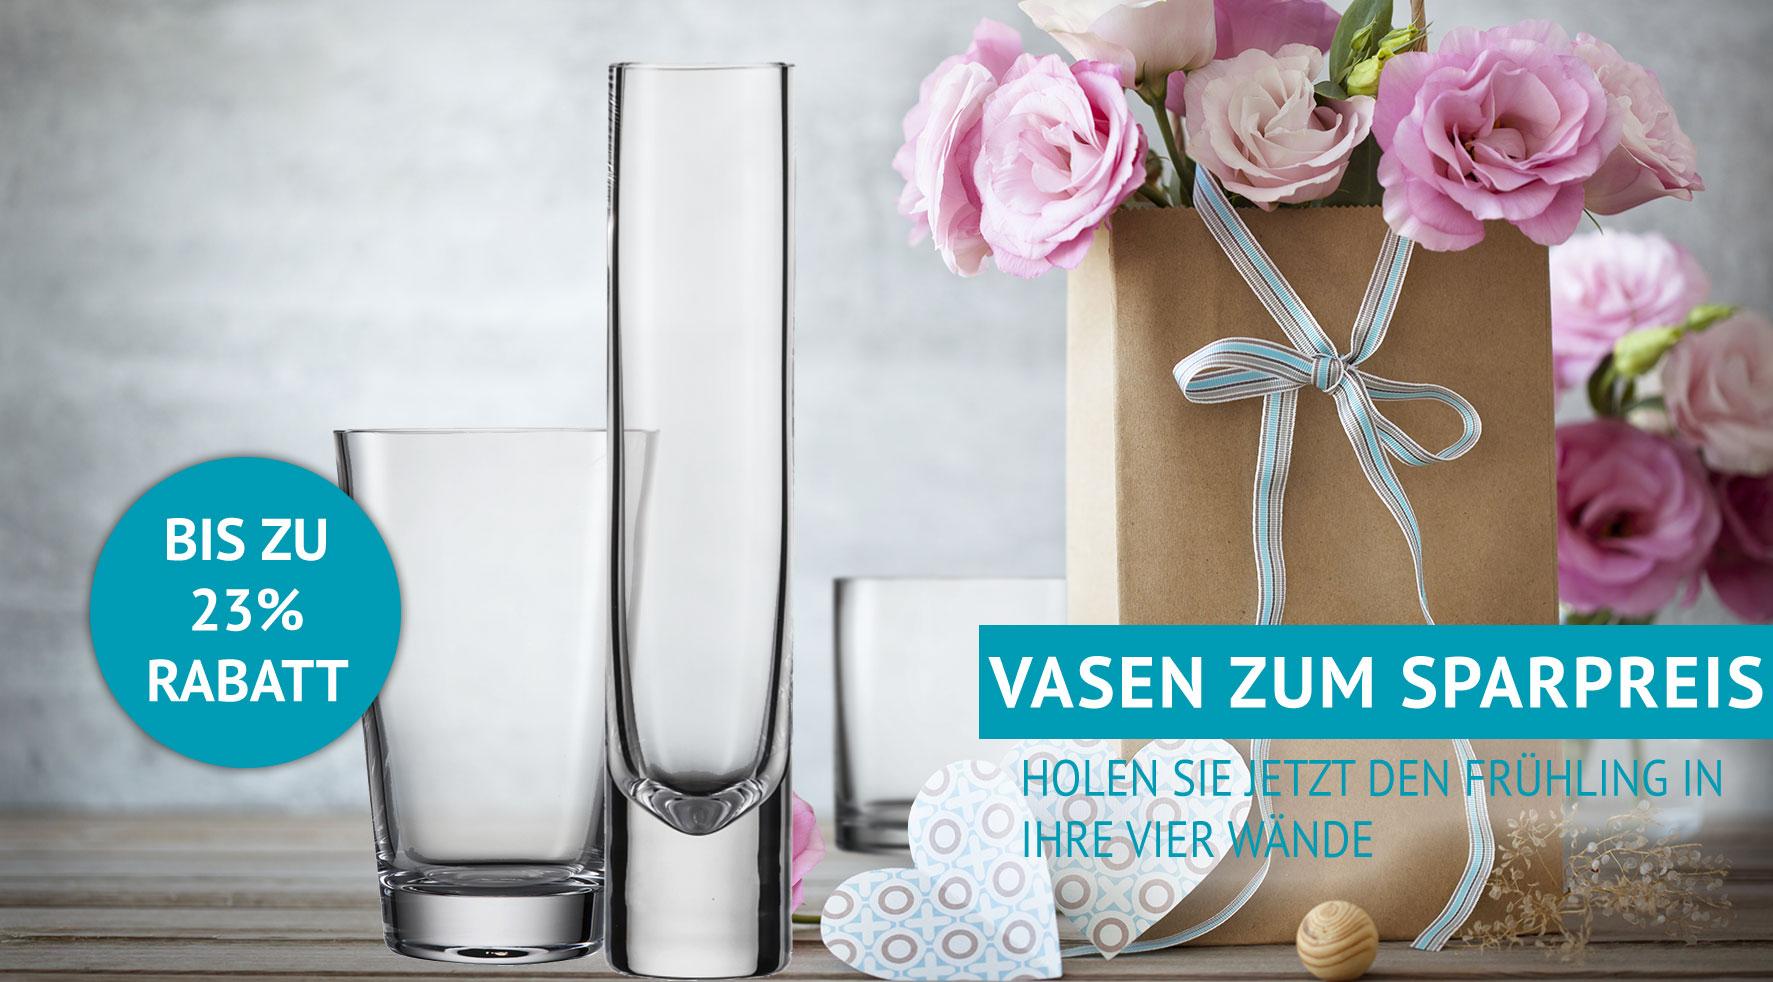 Tonio Vasen von Eisch bis zu 23 % Rabatt